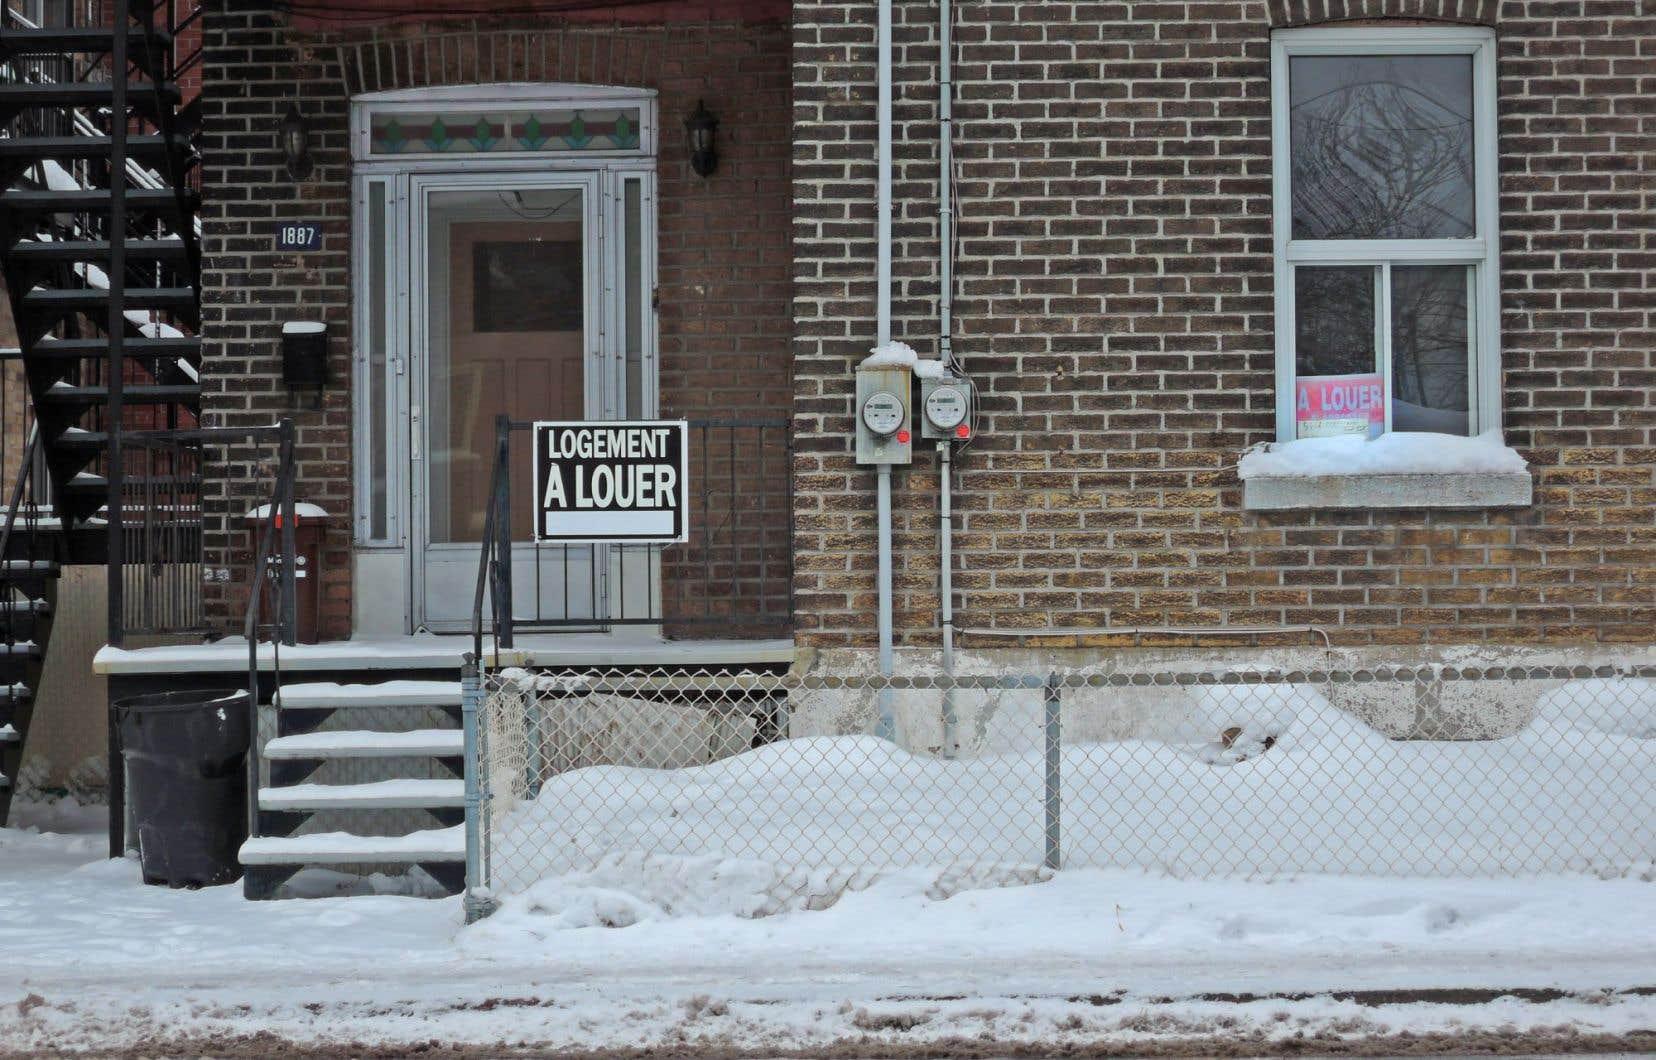 La Régie du logement abandonne son indice de hausse de loyer, qui permettait aux locataires d'estimer le caractère raisonnable de l'augmentation de loyer.